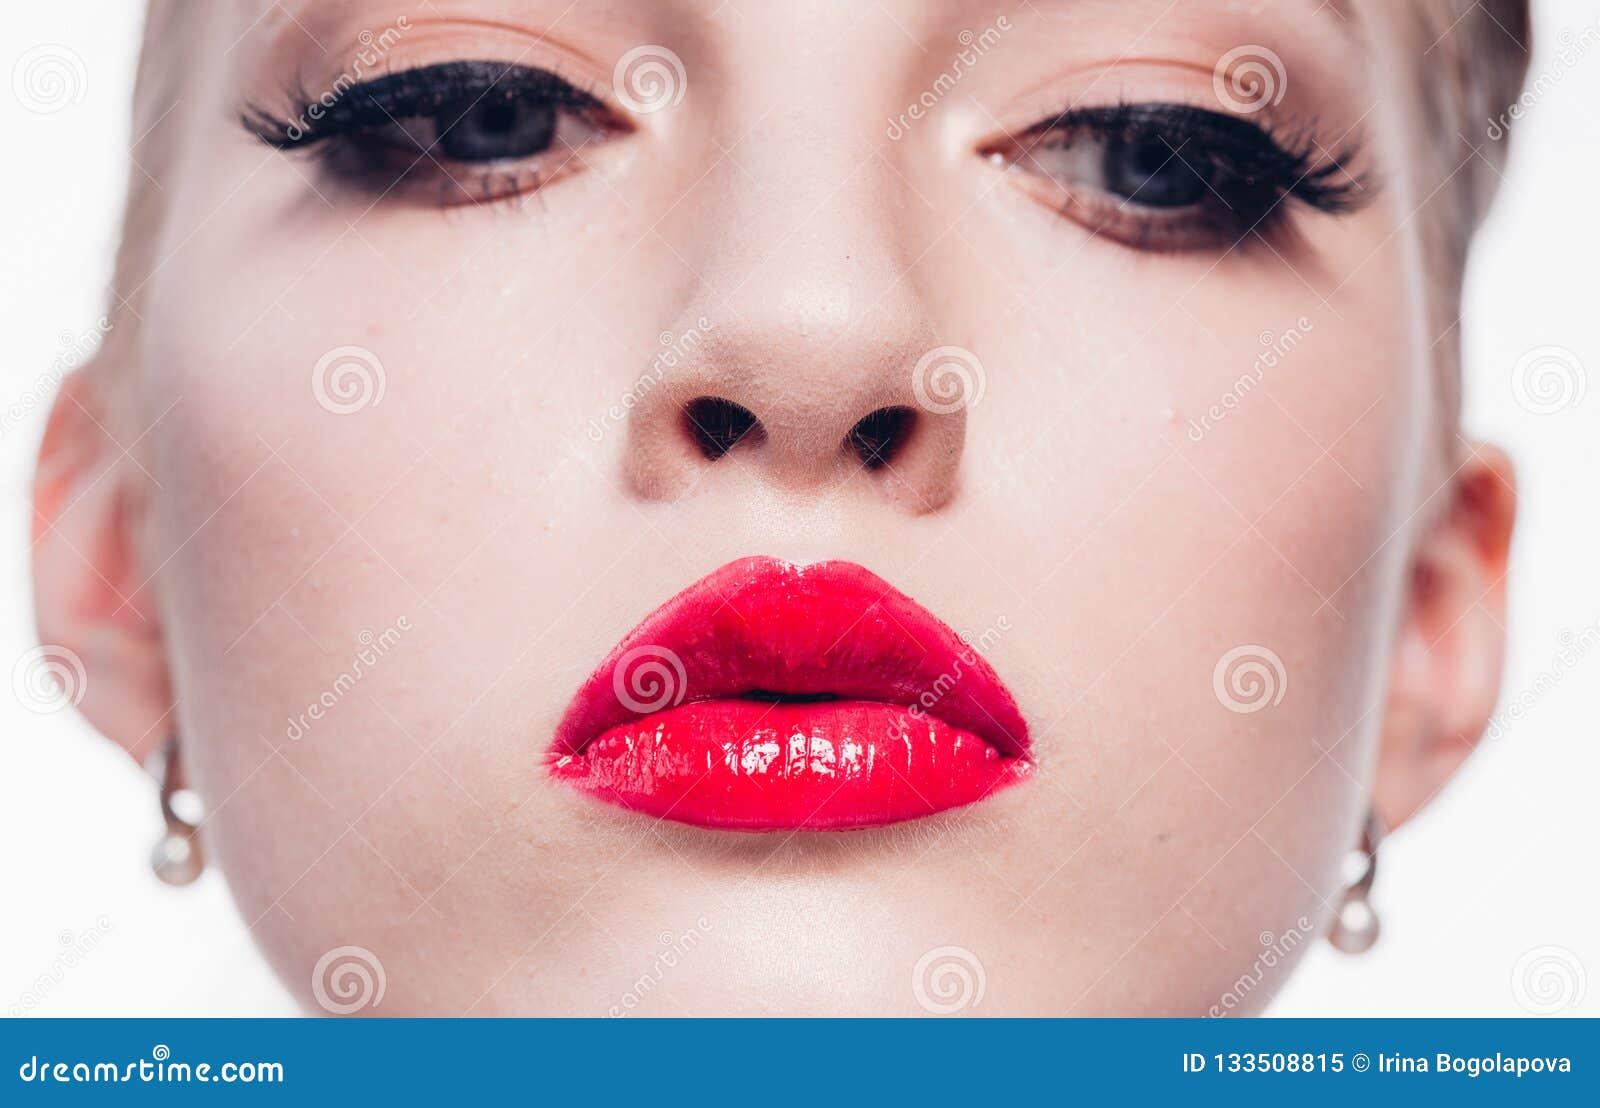 Mujer rubia hermosa con la barra de labios roja y la pocilga clásica de la moda